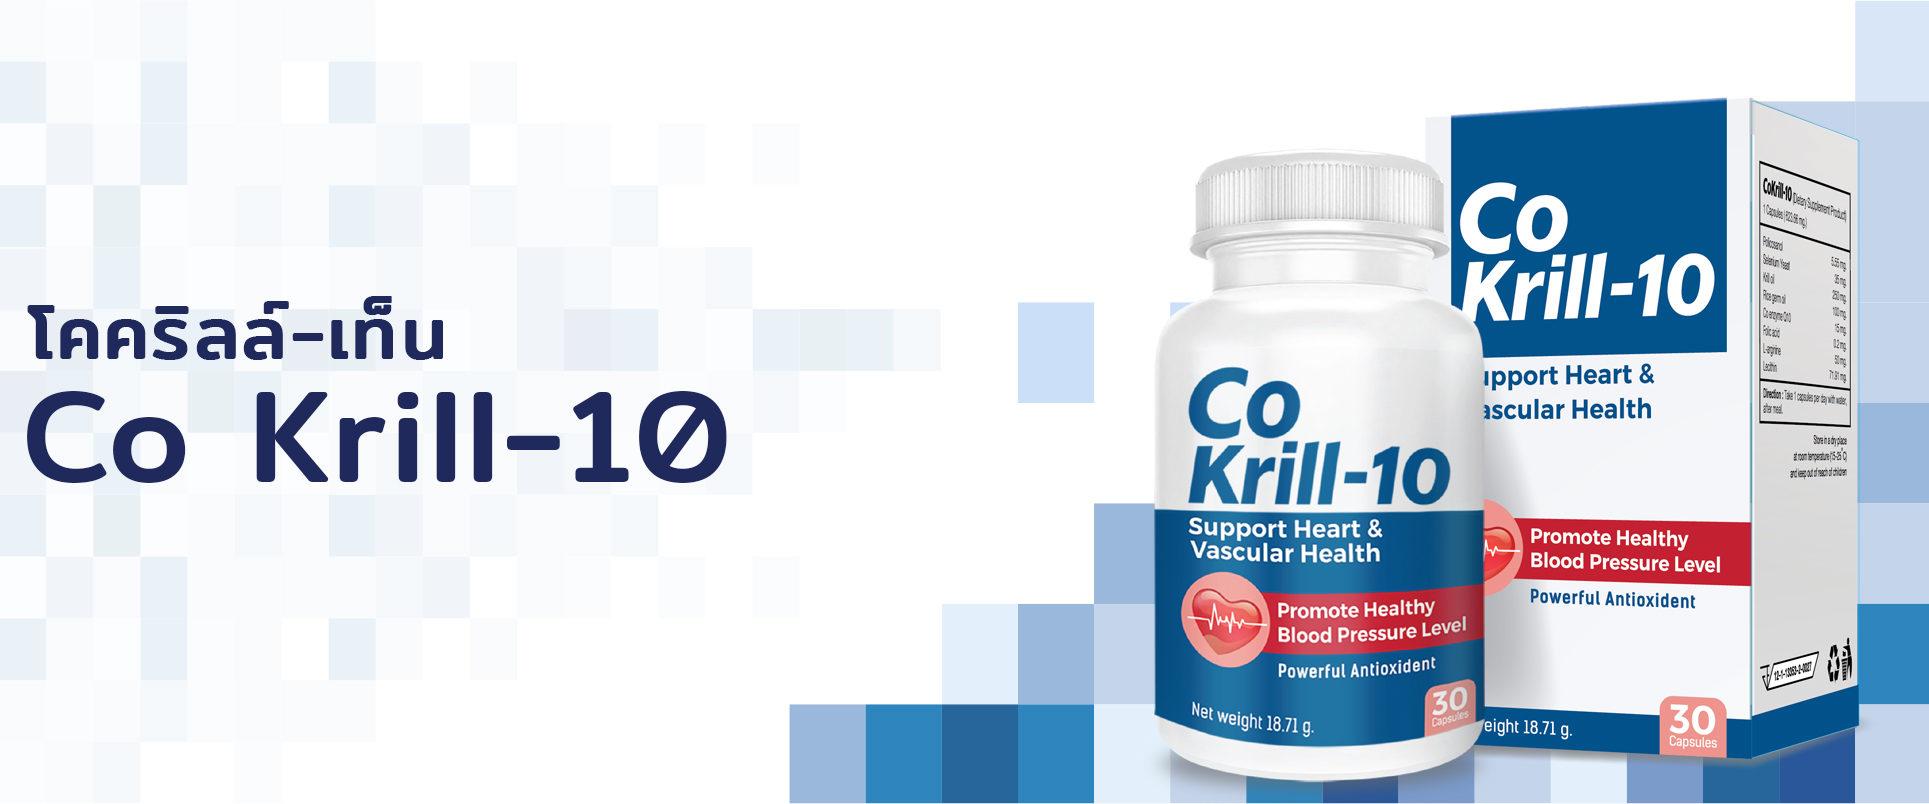 CoKrill-10